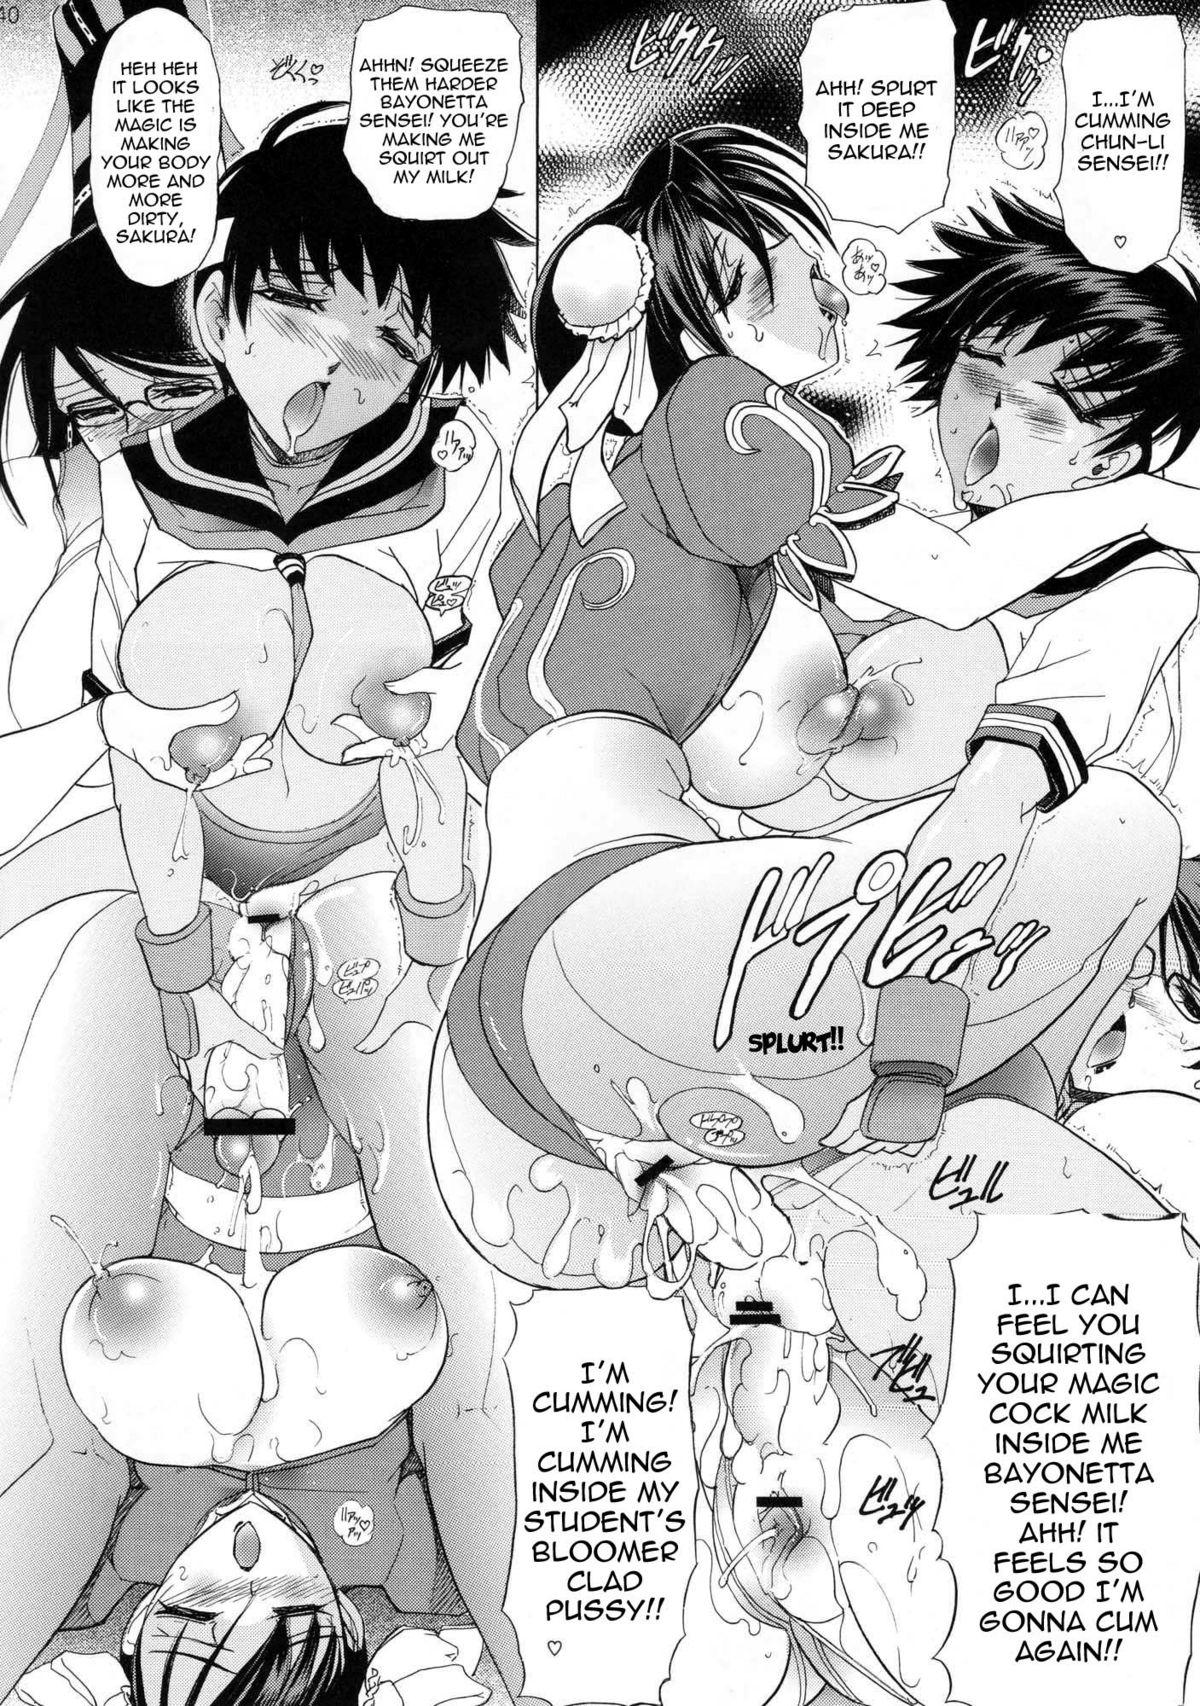 (C77) [Kawaraya Honpo (Kawaraya A-ta)] Hana - Maki no Juukyuu - Kuroki Hana (Bayonetta, Street Fighter, Darkstalkers) [English] {doujin-moe.us} 38